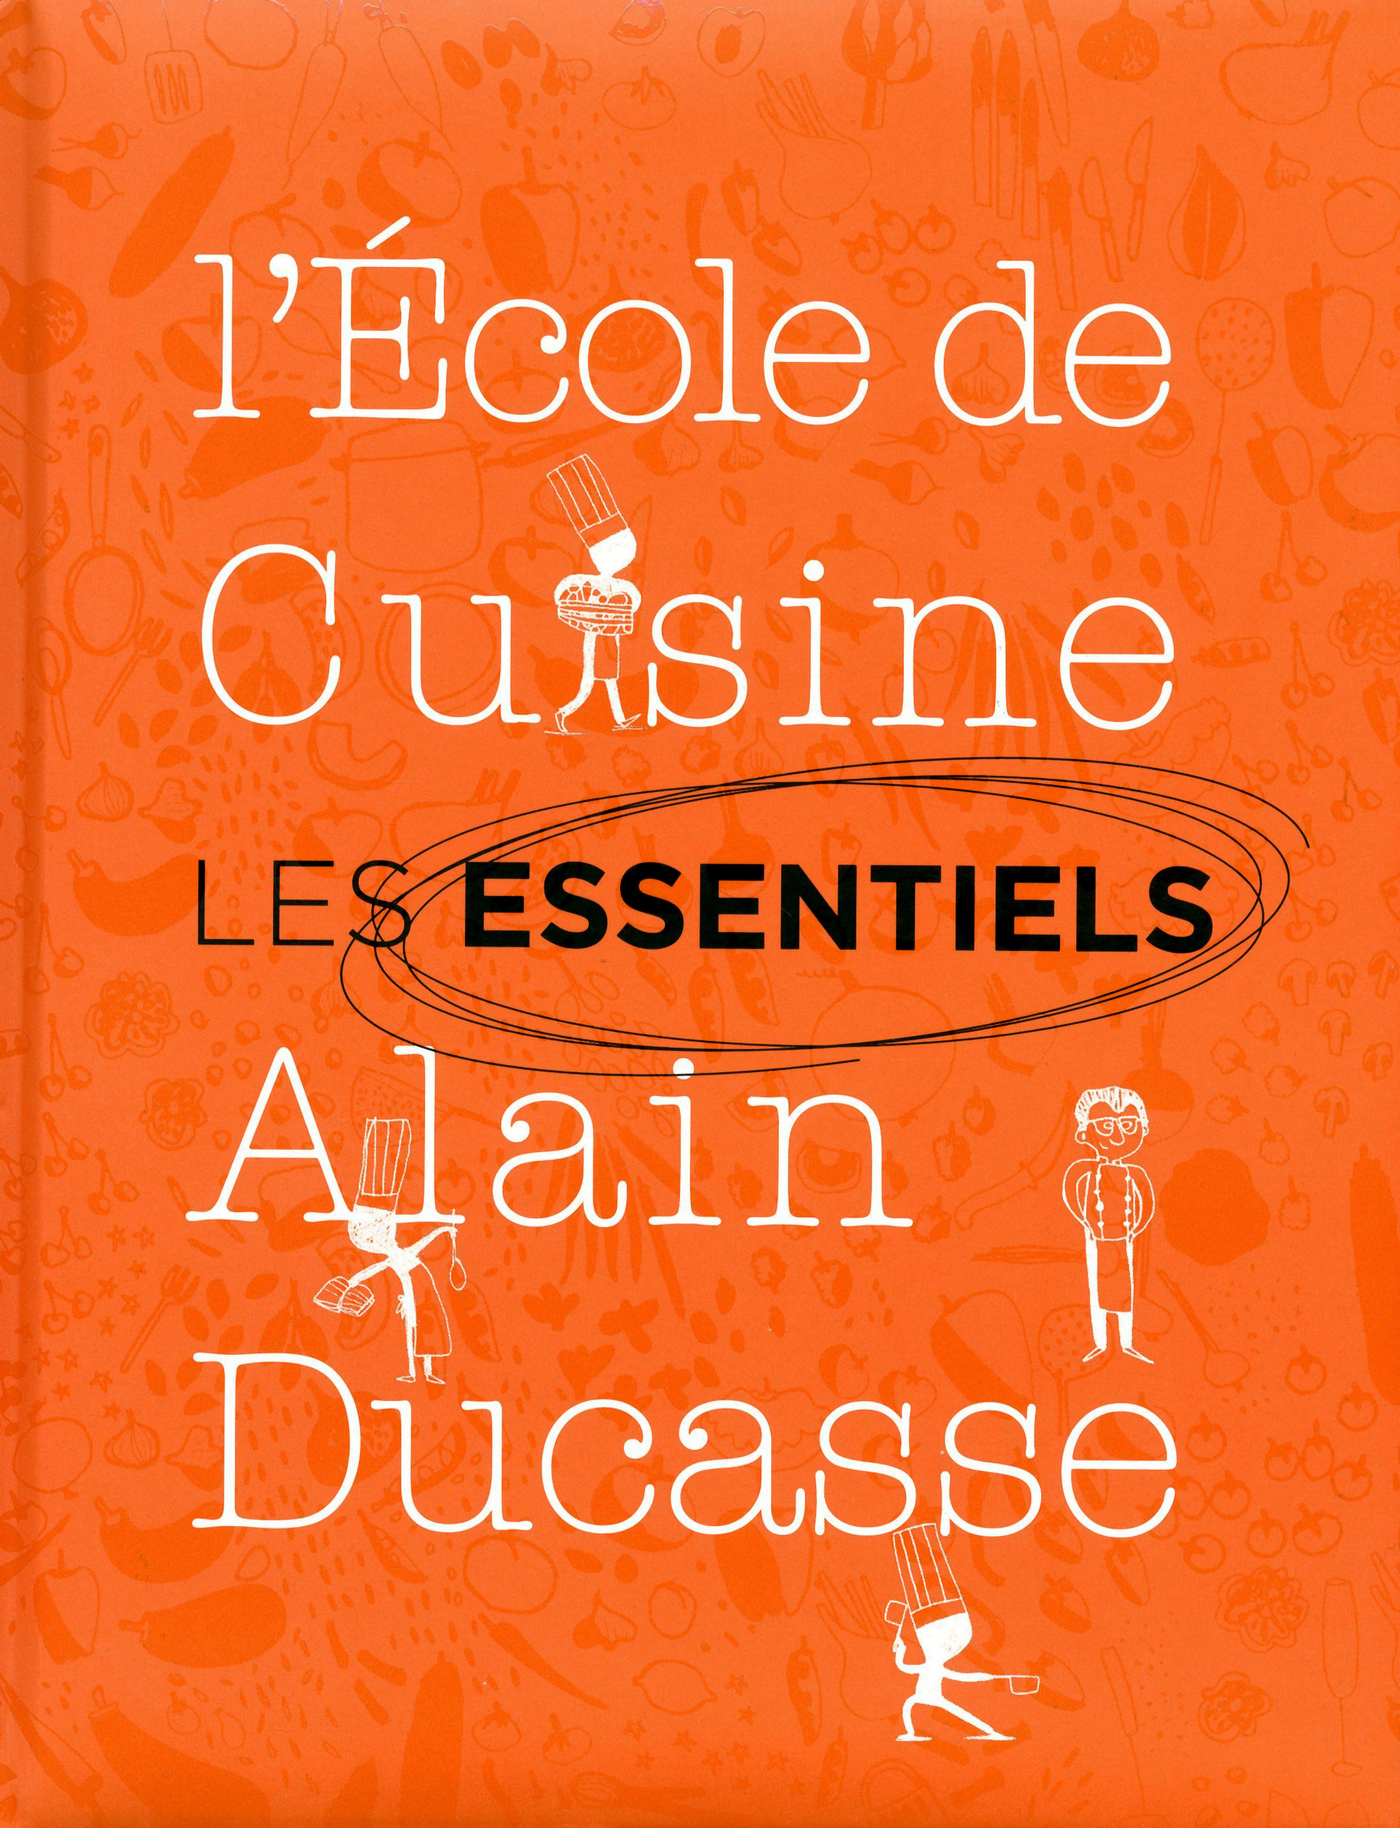 Les essentiels de l'école de cuisine Alain Ducasse